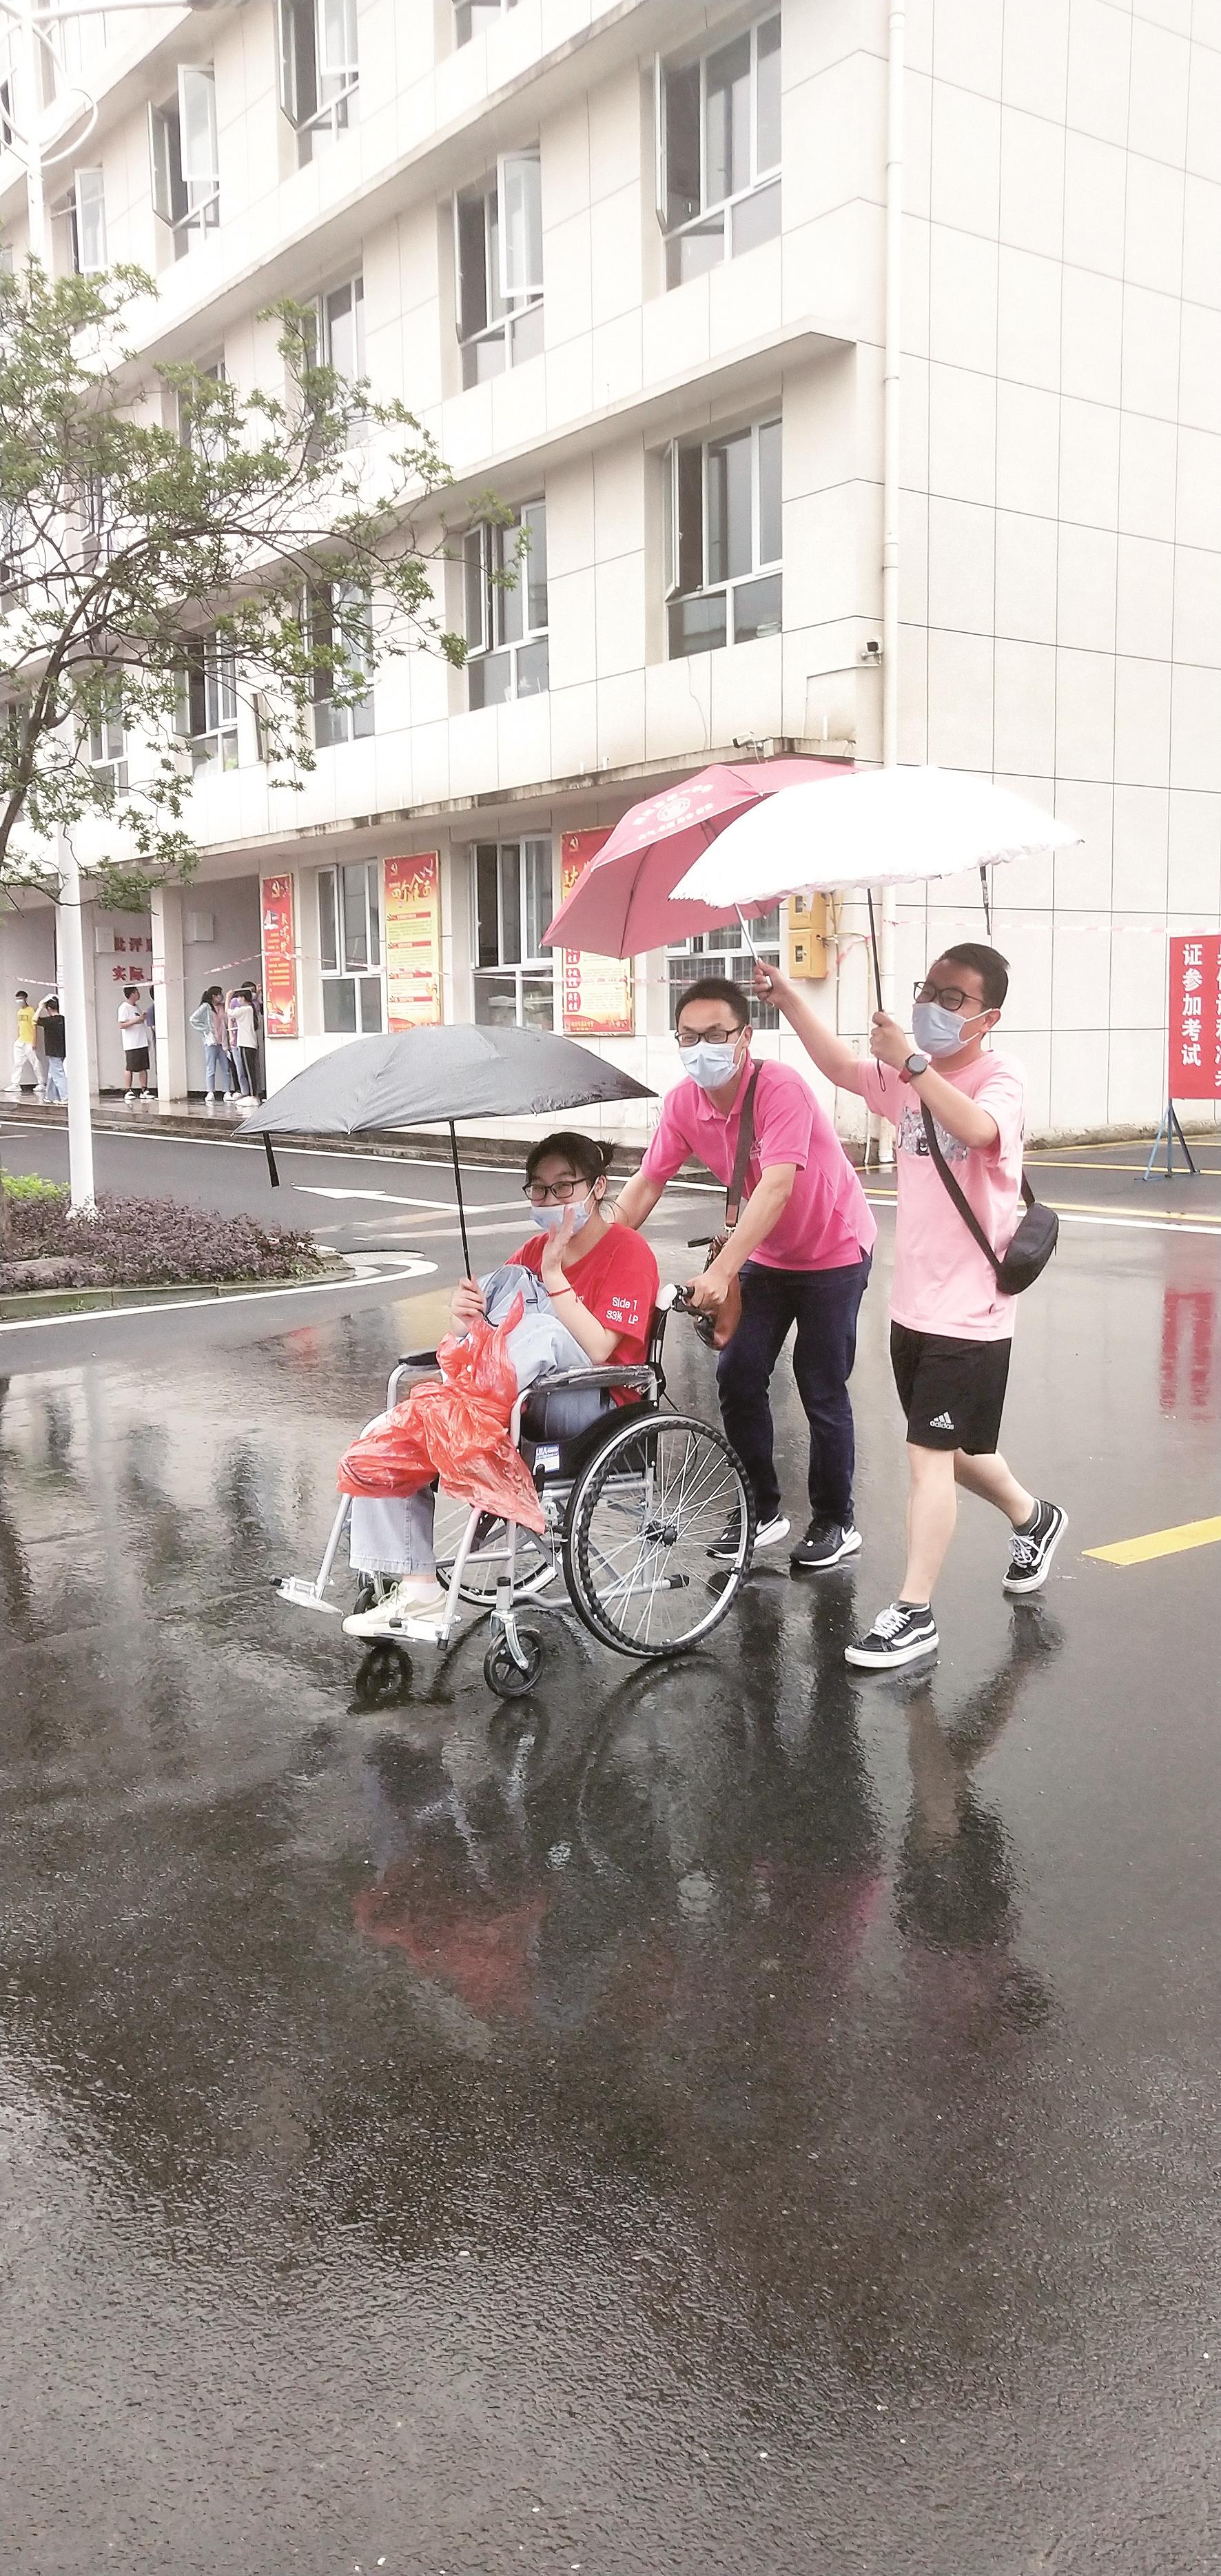 利川:老师后背湿透 为她撑伞遮雨 浓浓关爱包围轮椅女生